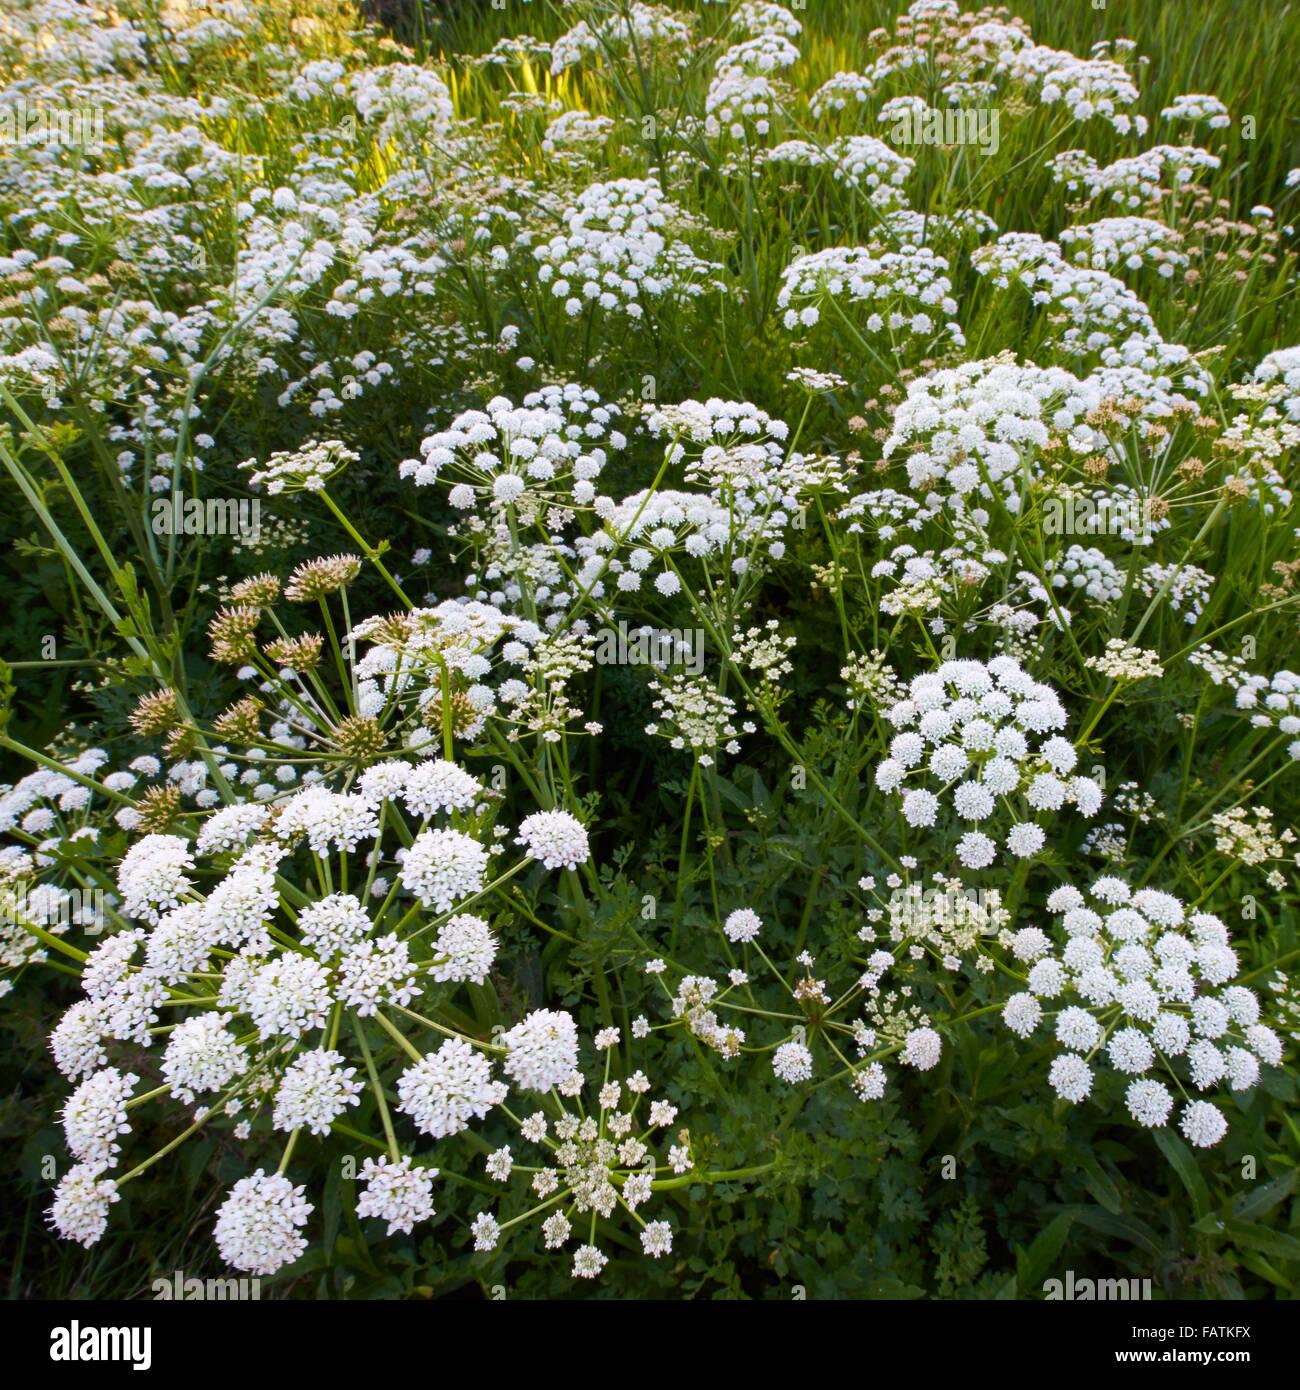 Hemlock Water Dropwort Oenanthe crocata - Stock Image